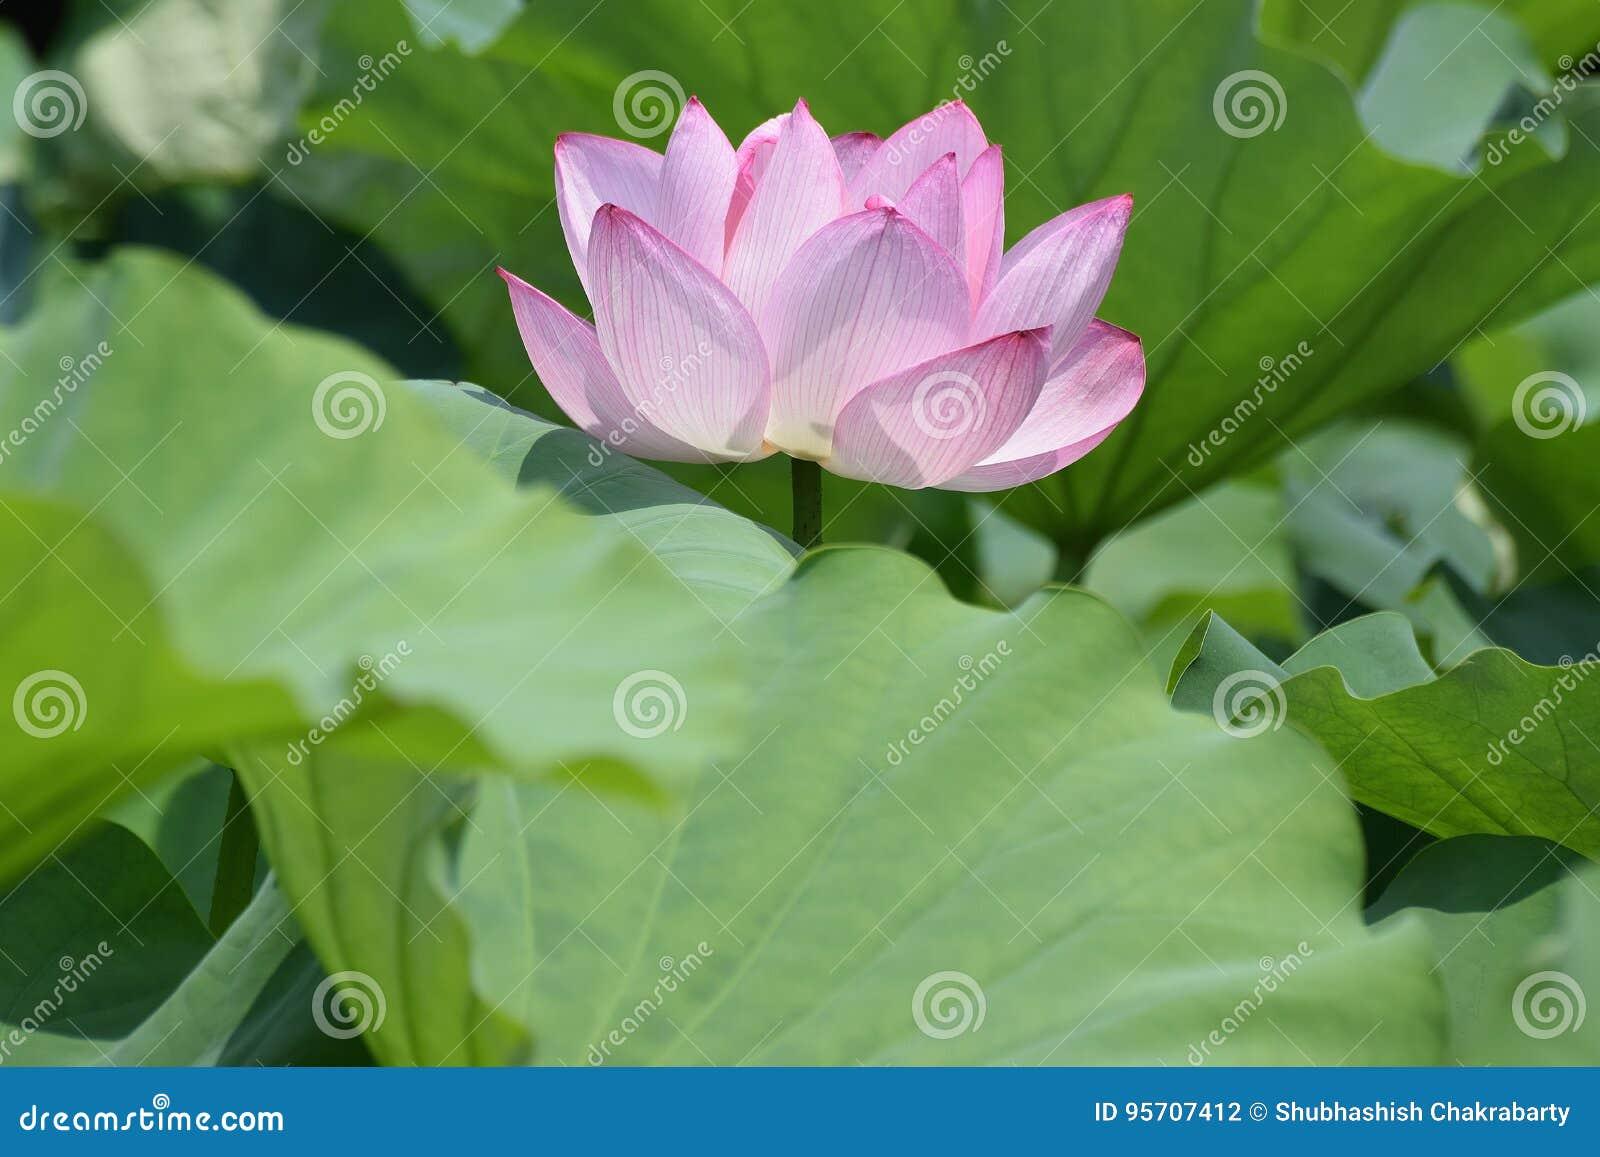 Macro Details Of Japanese Pink Lotus Flower Horizontal Frame Stock